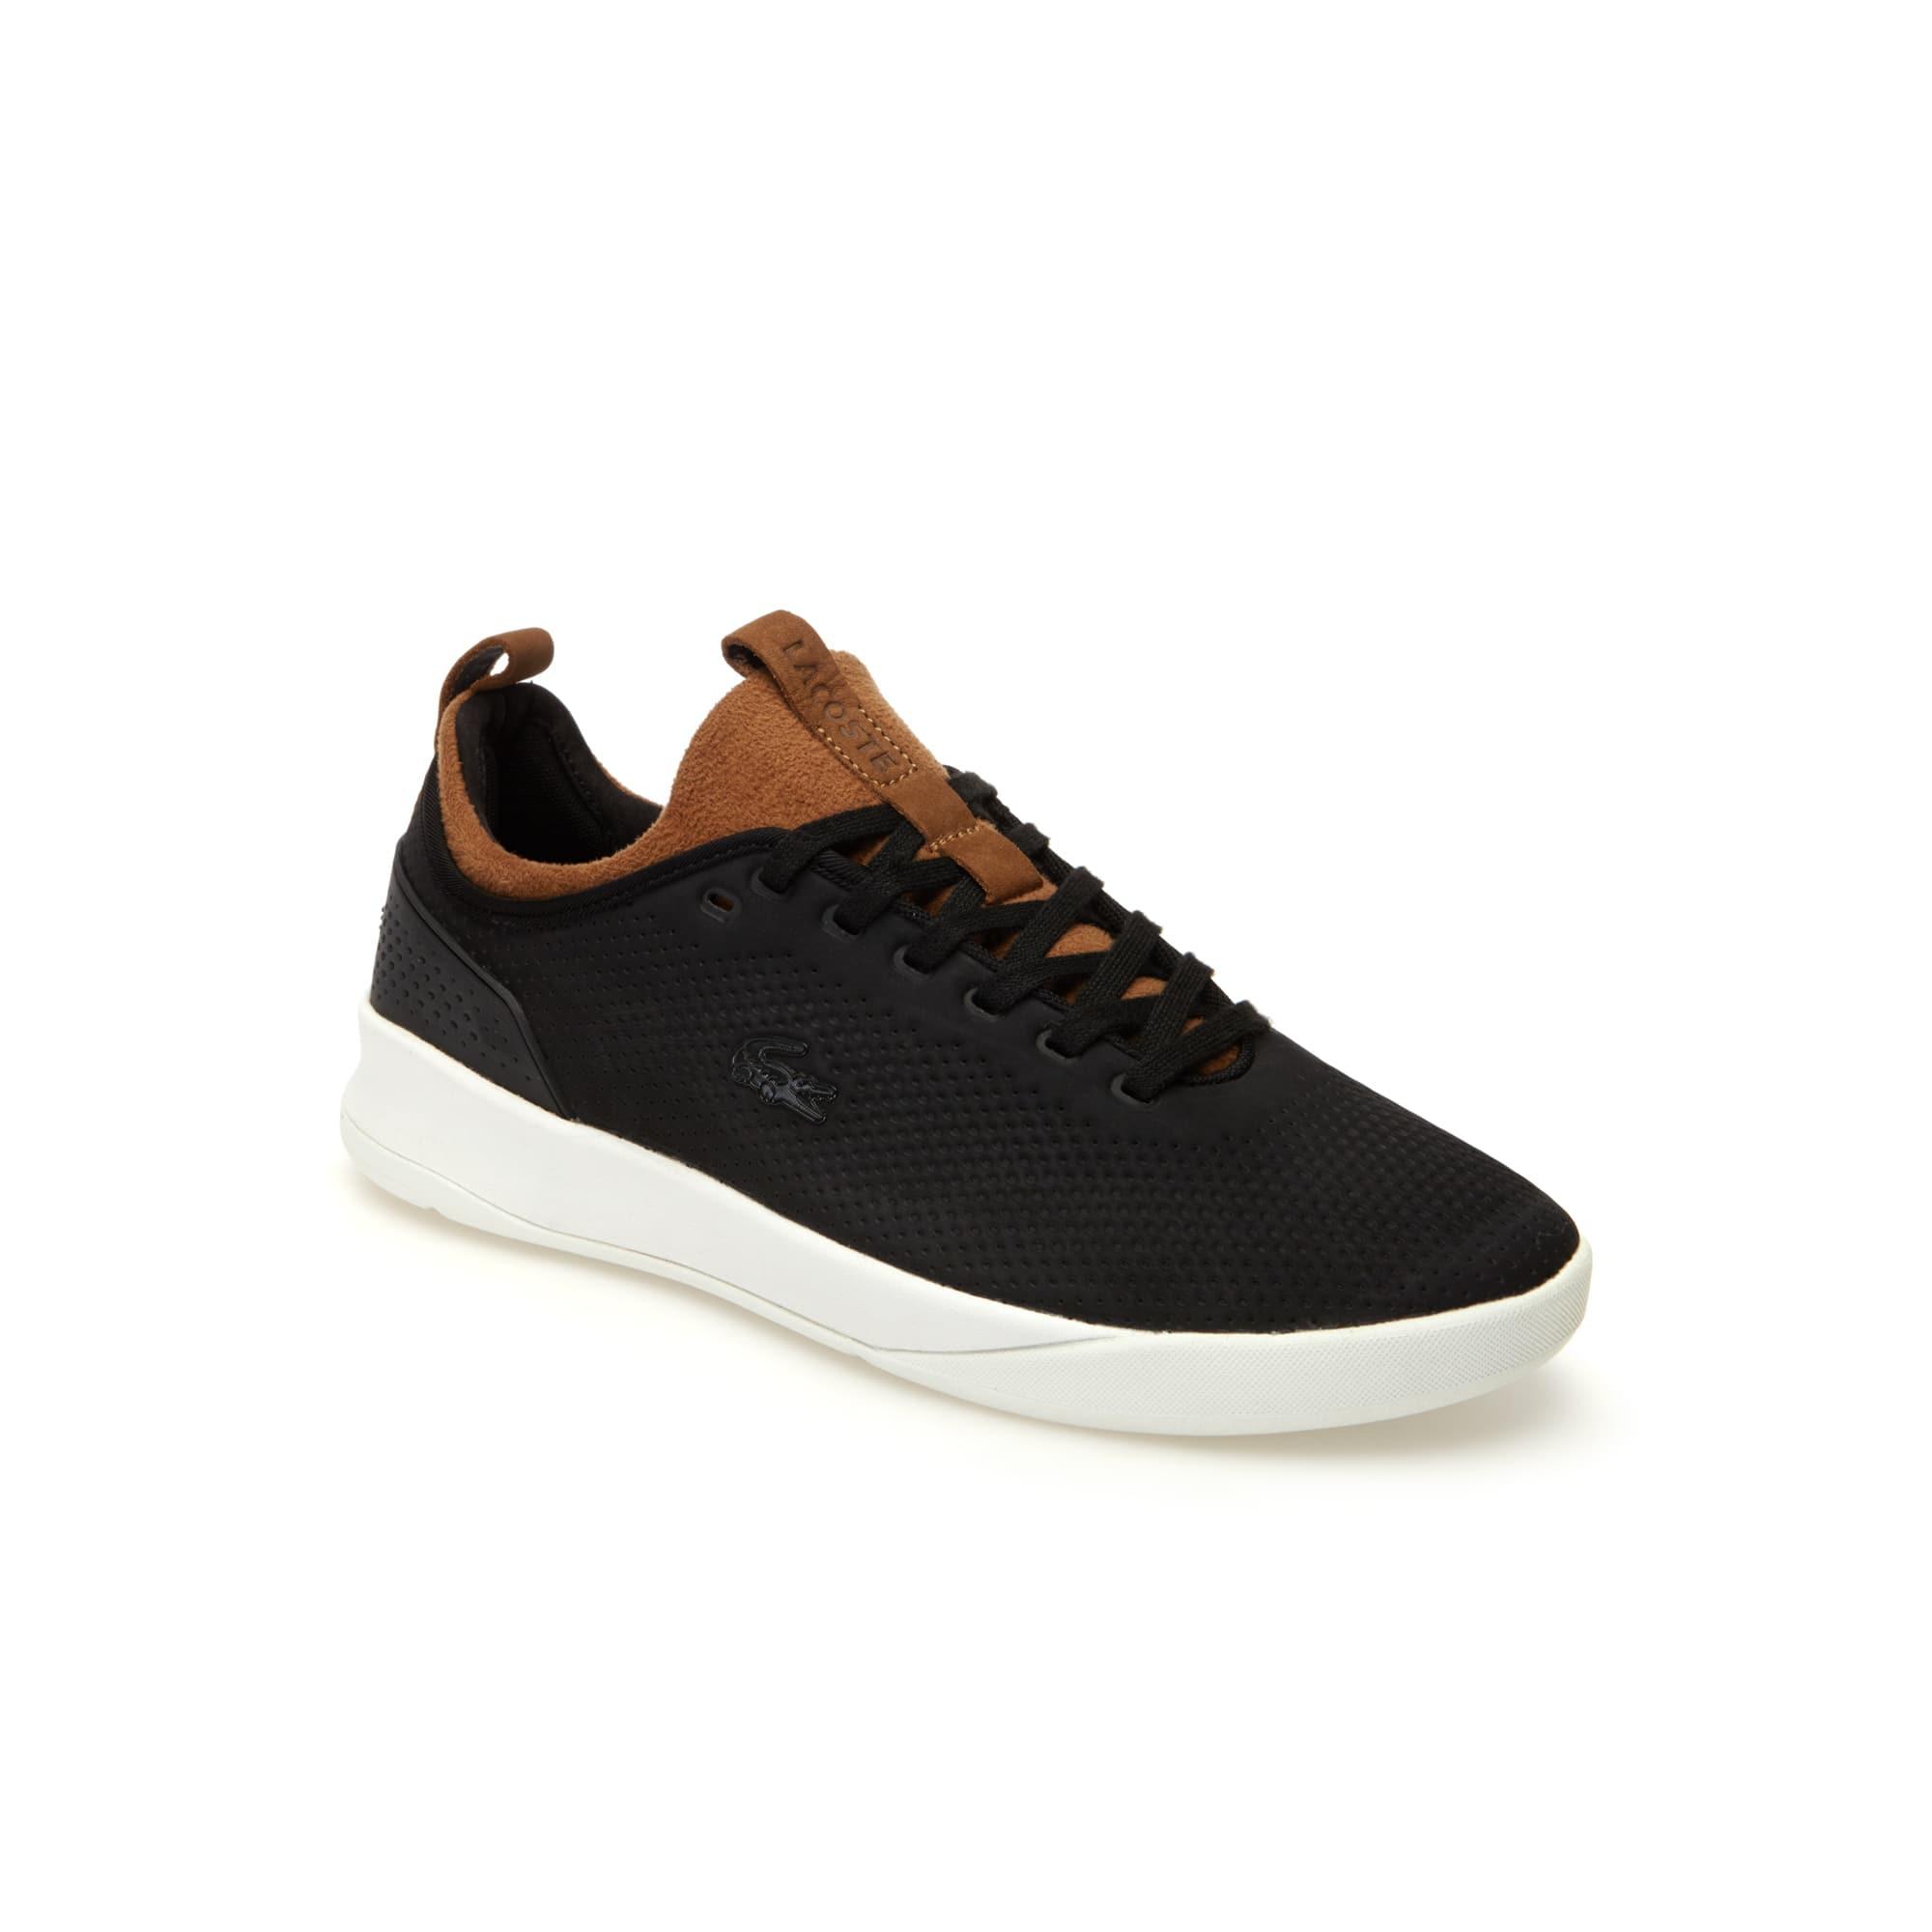 Herren-Sneakers LT SPIRIT 2.0 aus Synthetik und Textil